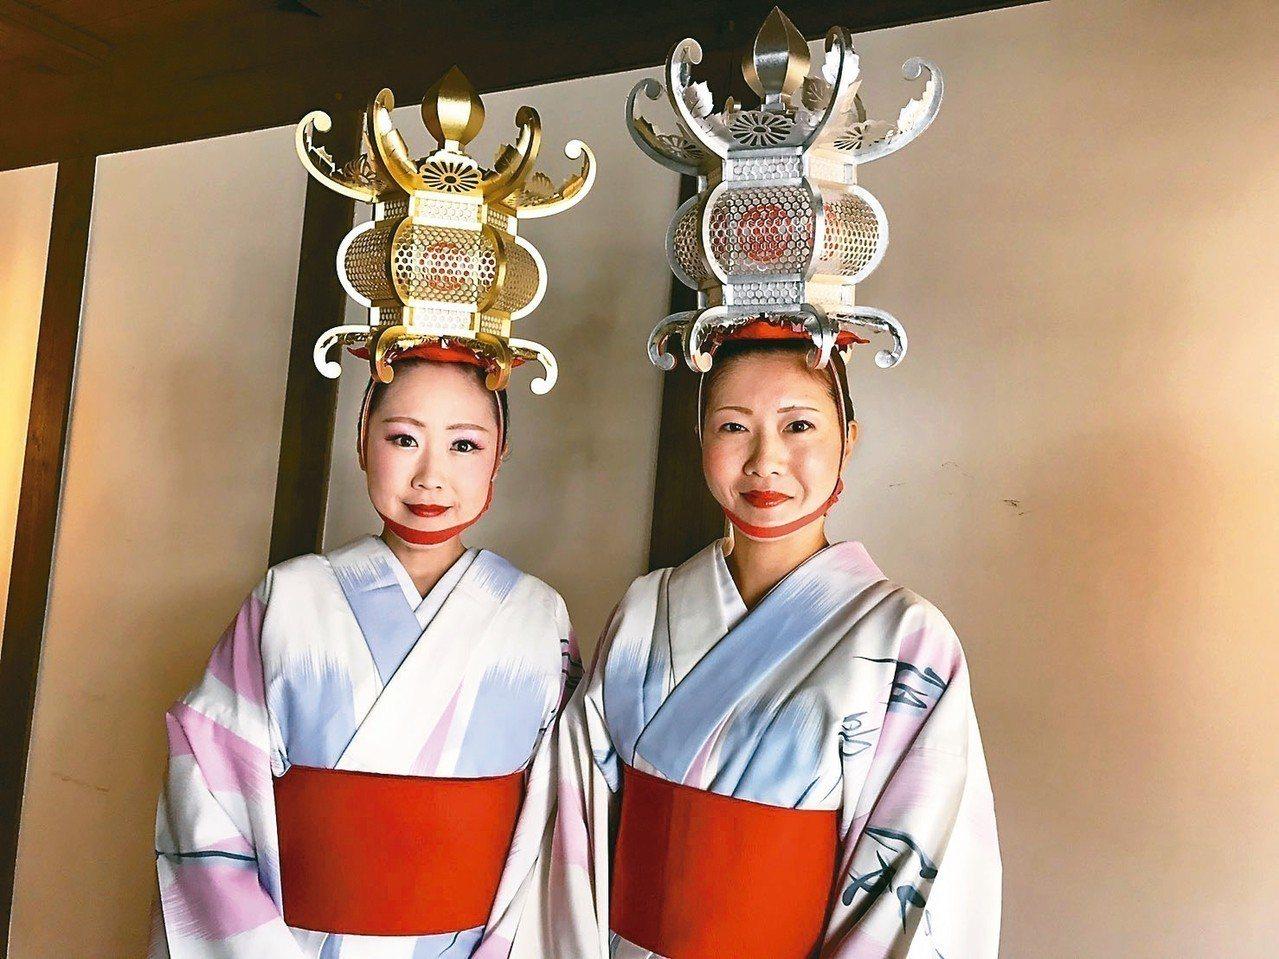 「燈籠舞」可說是熊本縣內最具代表性的祭典之一。 記者葉卉軒/攝影